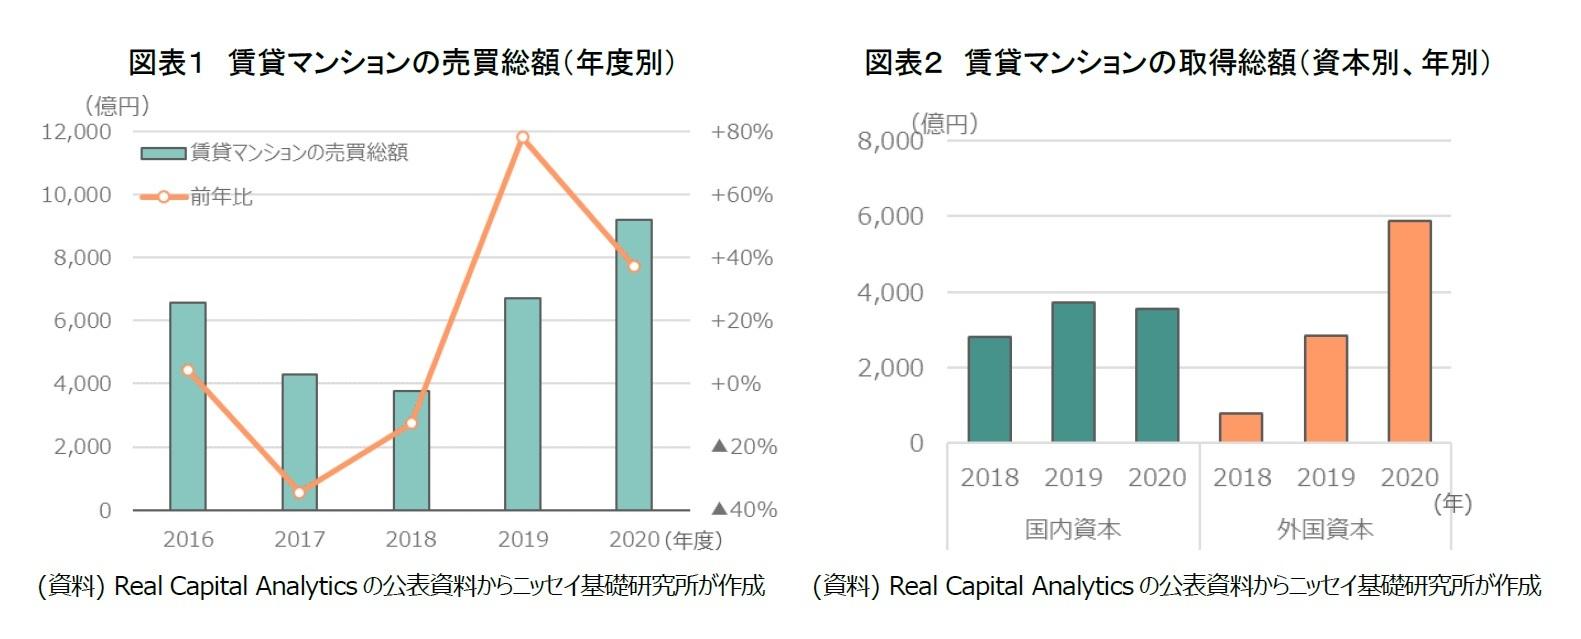 図表1 賃貸マンションの売買総額(年度別)/図表2 賃貸マンションの取得総額(資本別、年別)